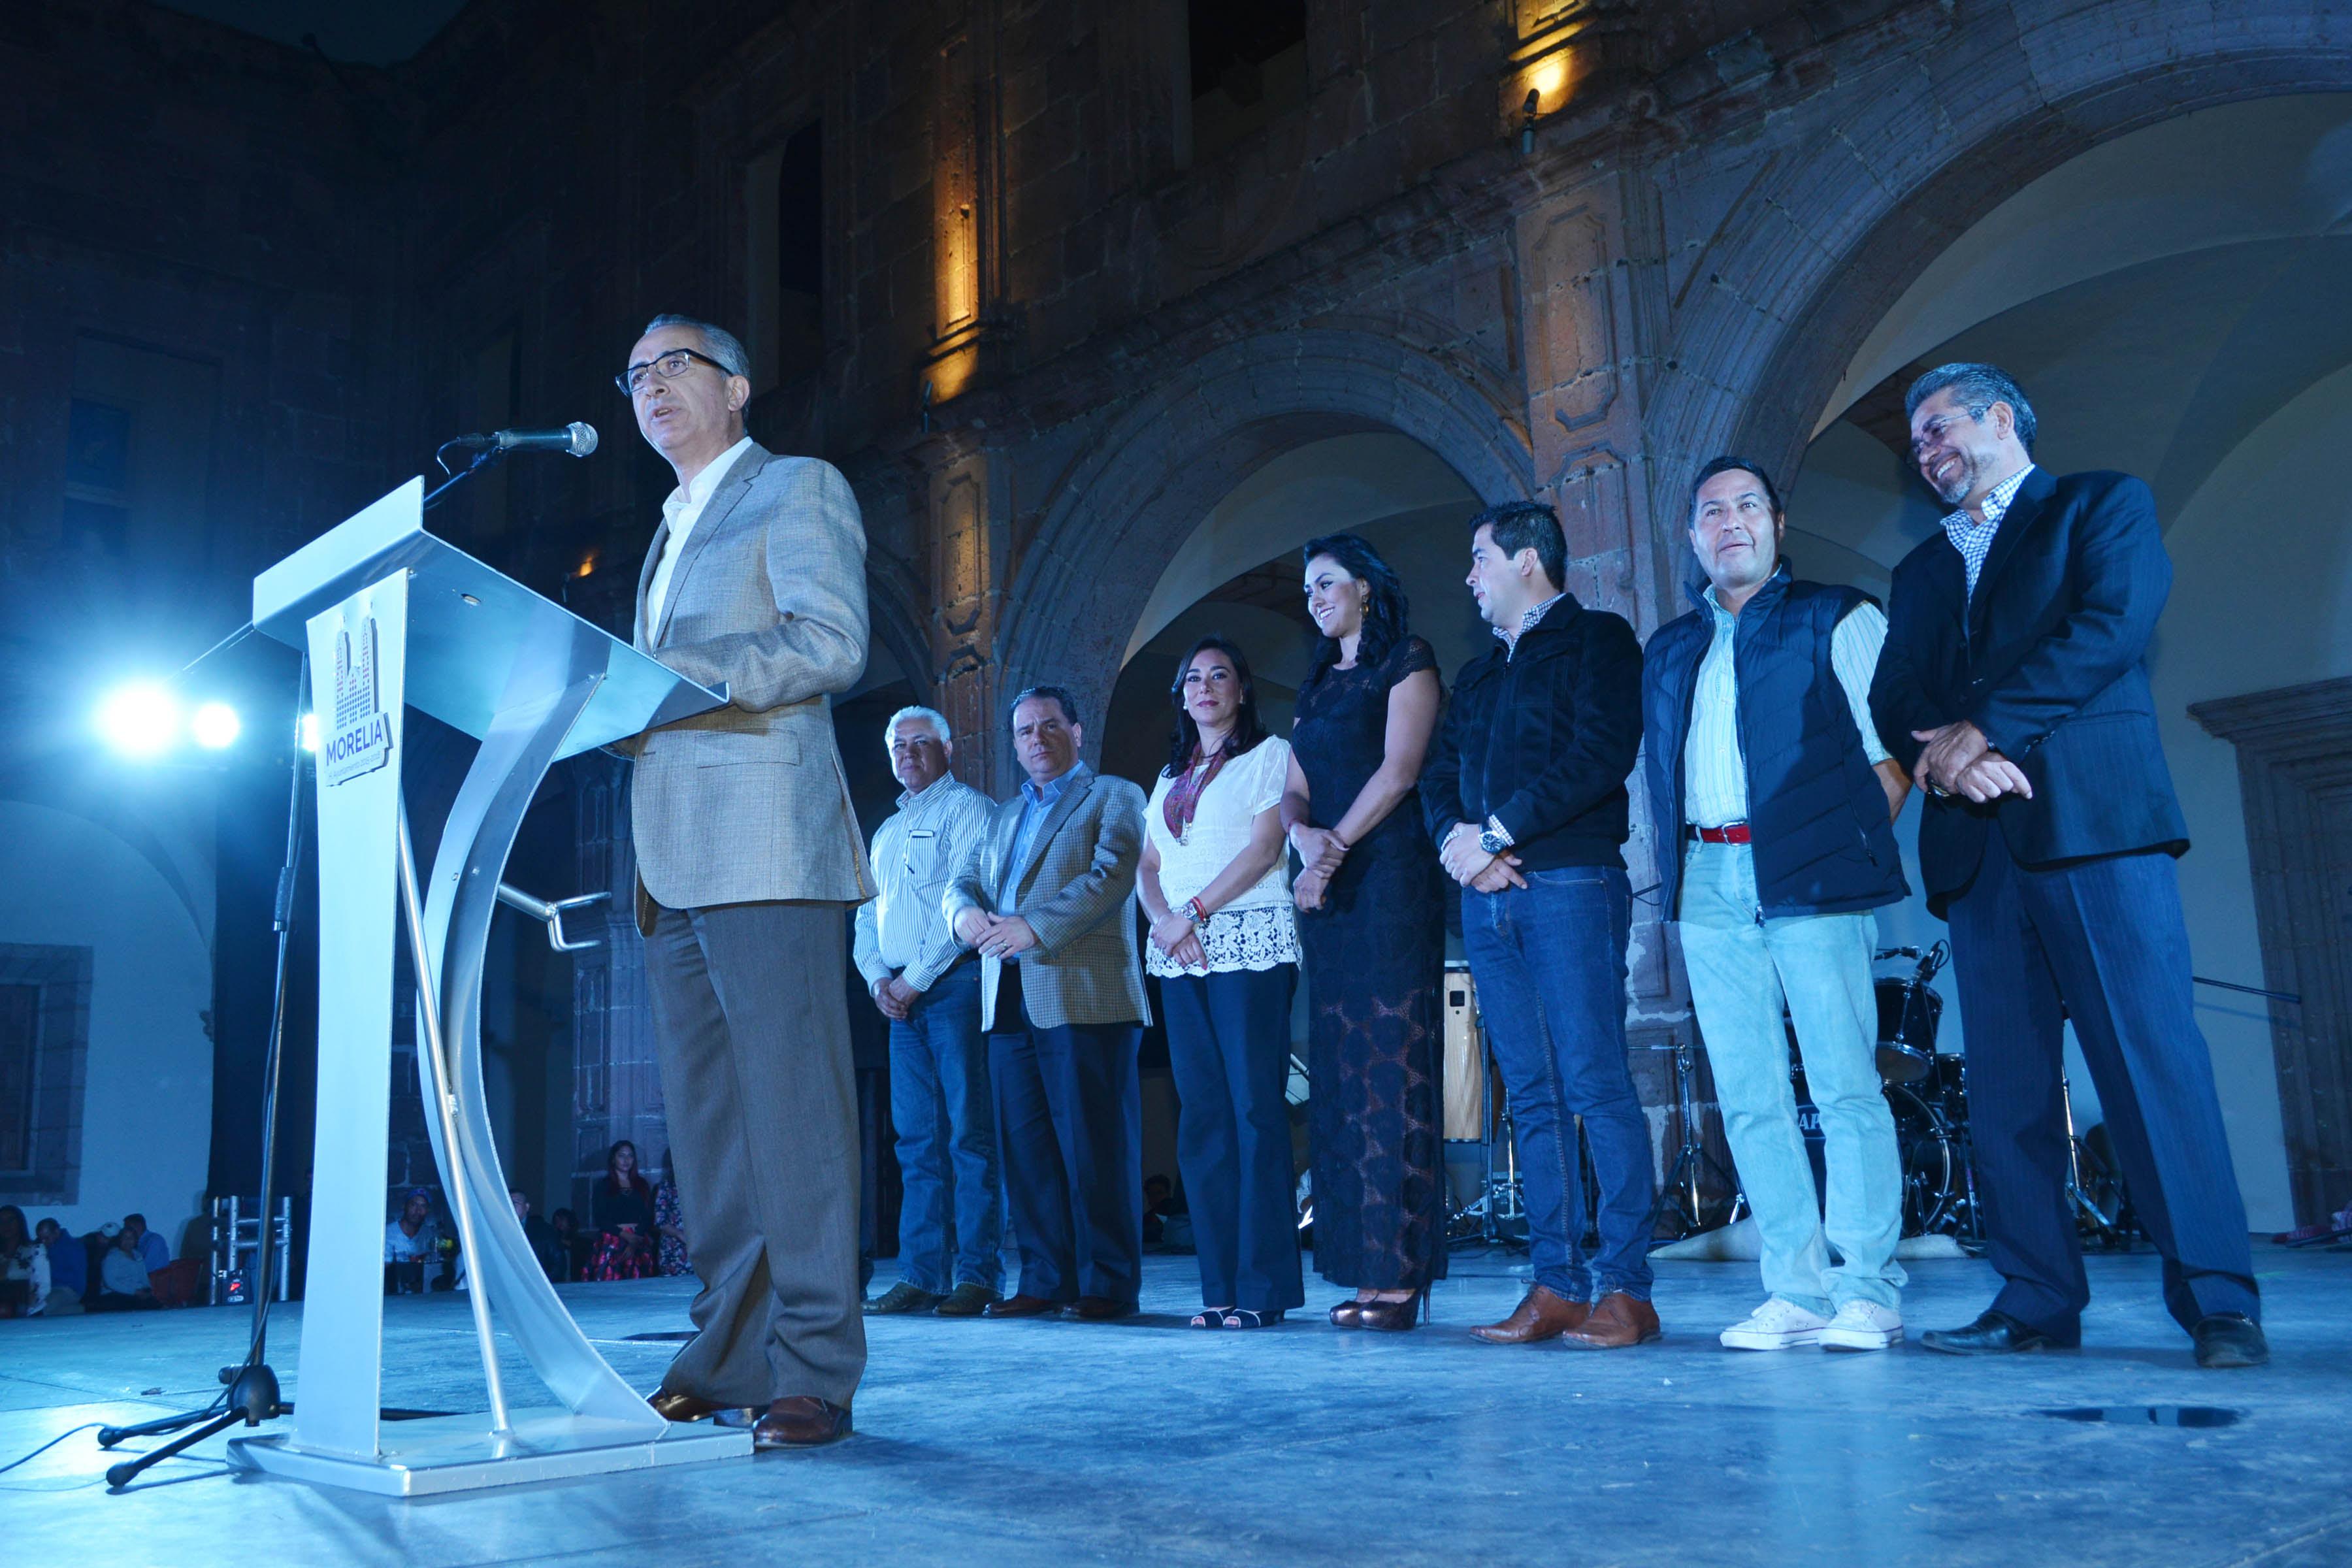 Por su parte, el presidente de la CONAREM, Juan Carlos Espina, destacó que el principal objetivo de este Primer Congreso Nacional de Regidores es formar una red de líderes que trabajen por los municipios y por México